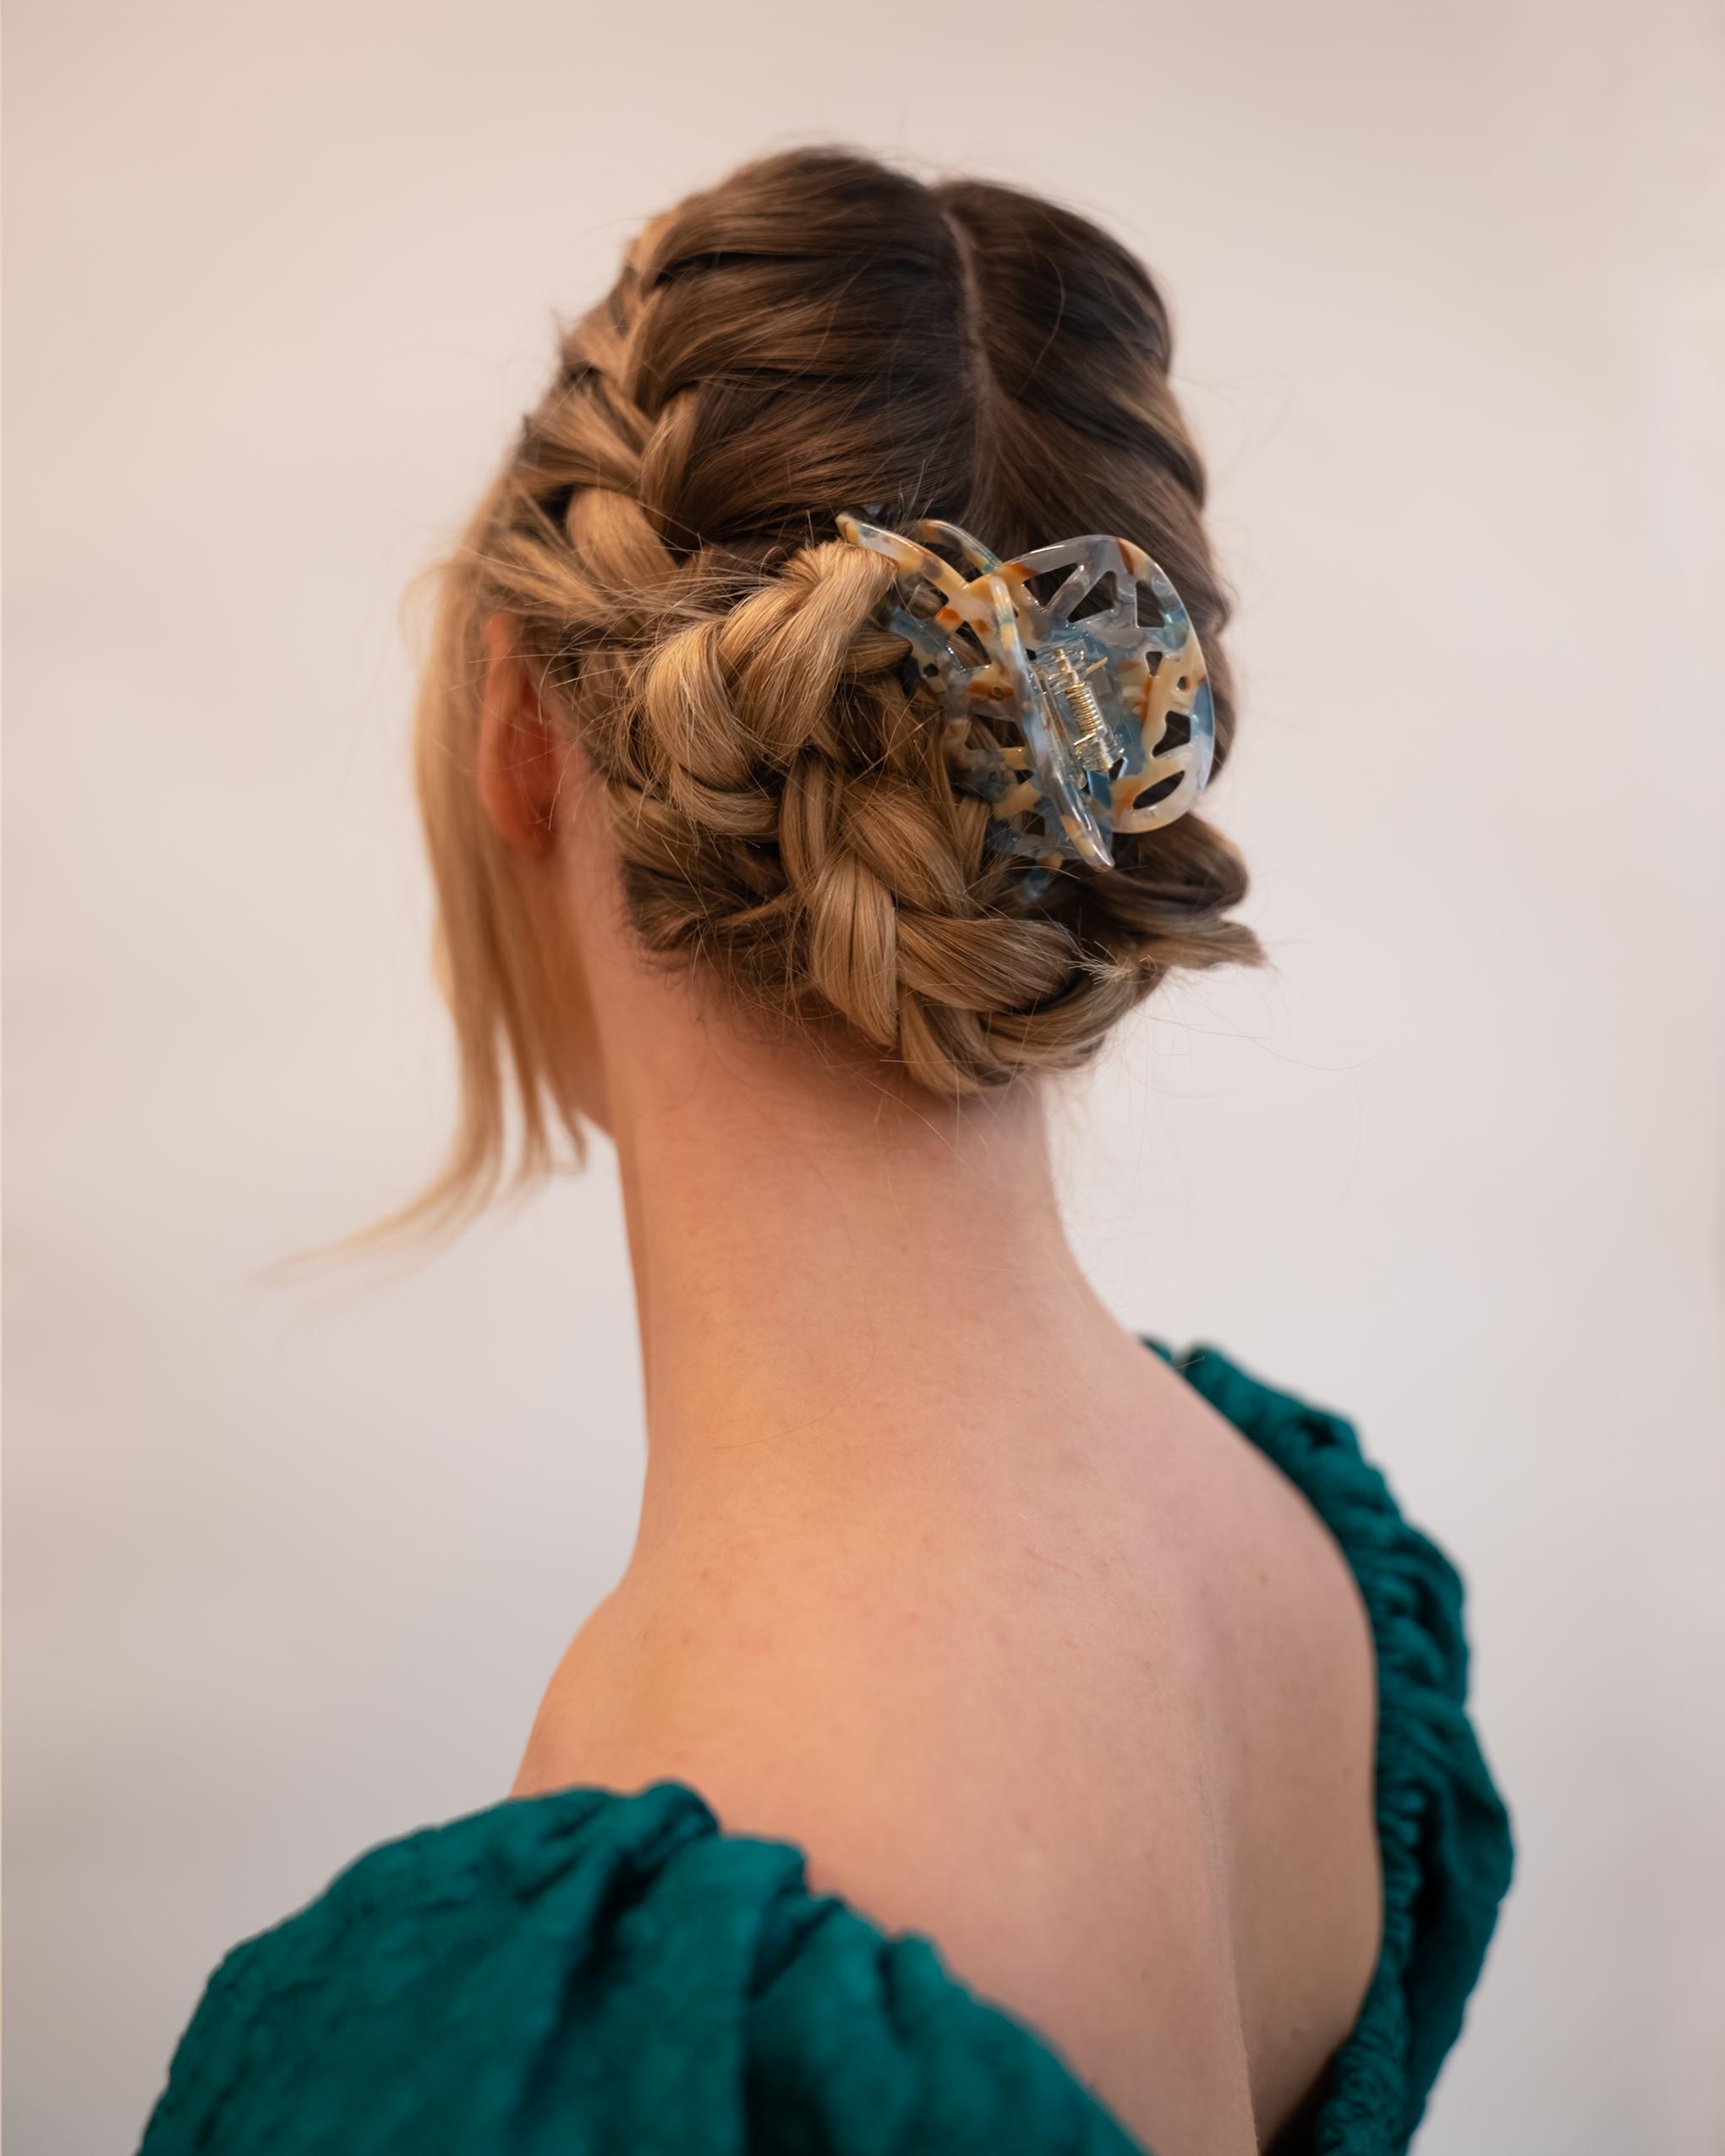 Model wearing Emin + Paul seashore lattice hair claw.